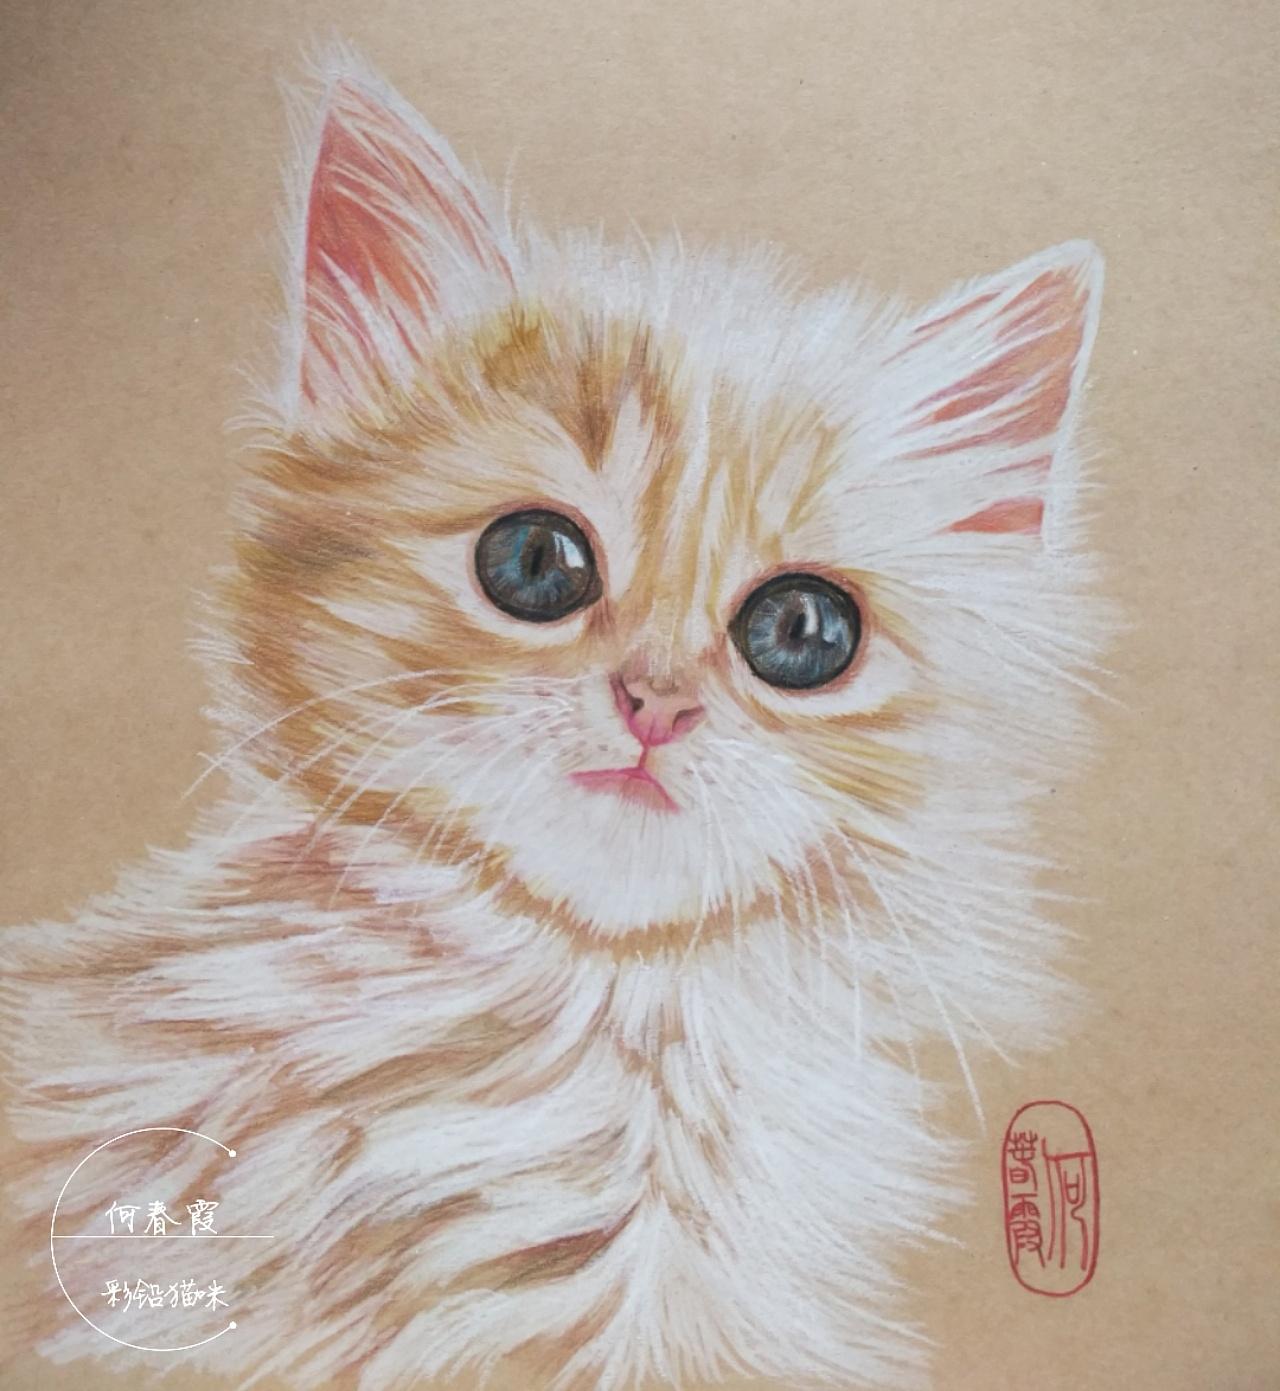 时隔两年再画了彩铅小动物,顺便也把两年前画的小猫咪改了一下